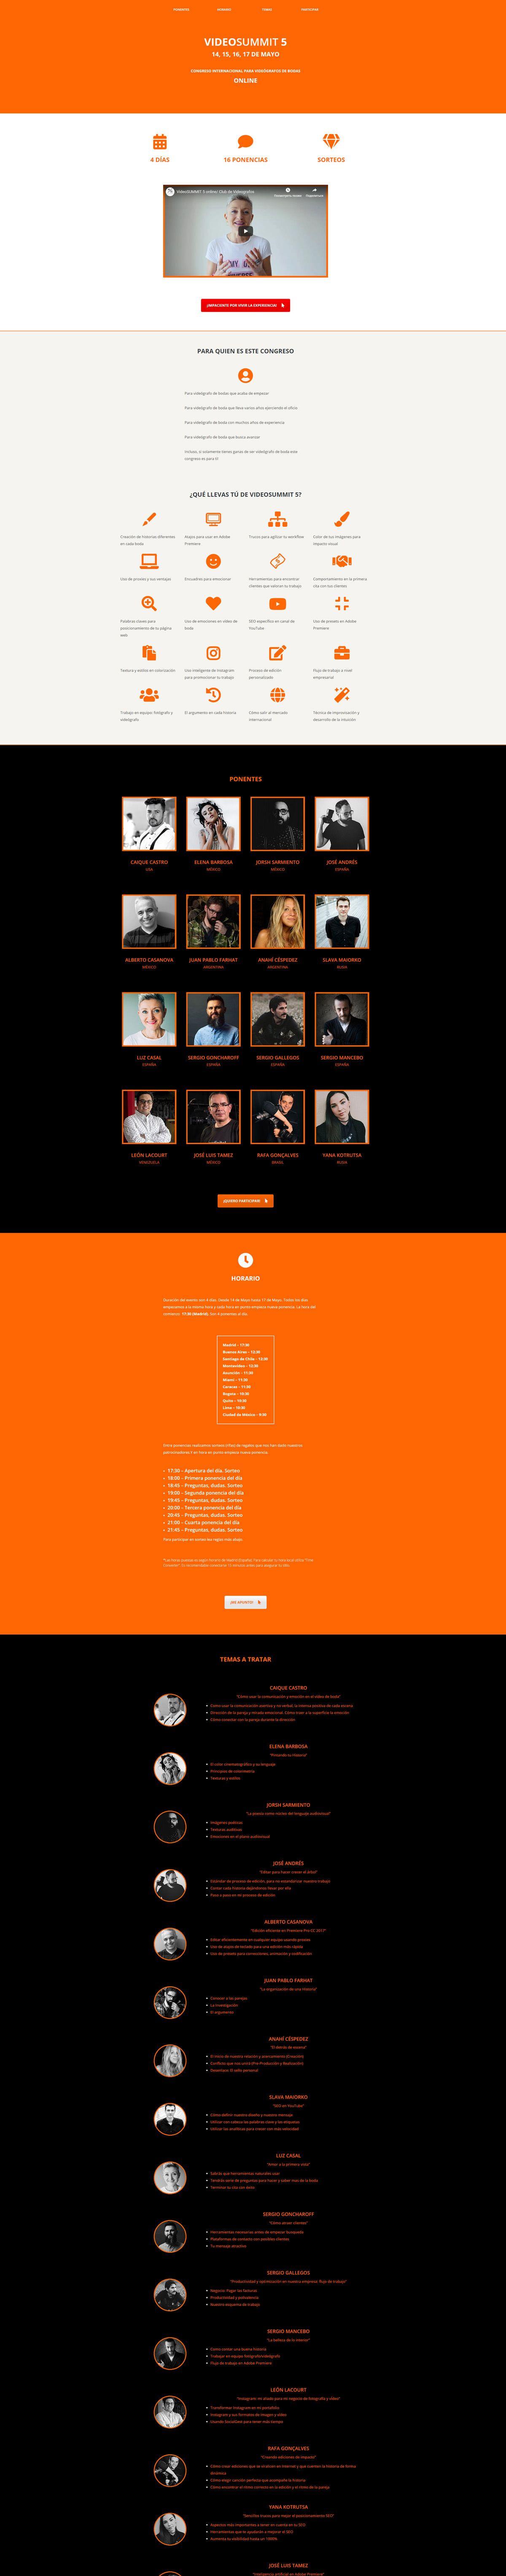 Diseño de paginas web. Pagina de aterrizaje